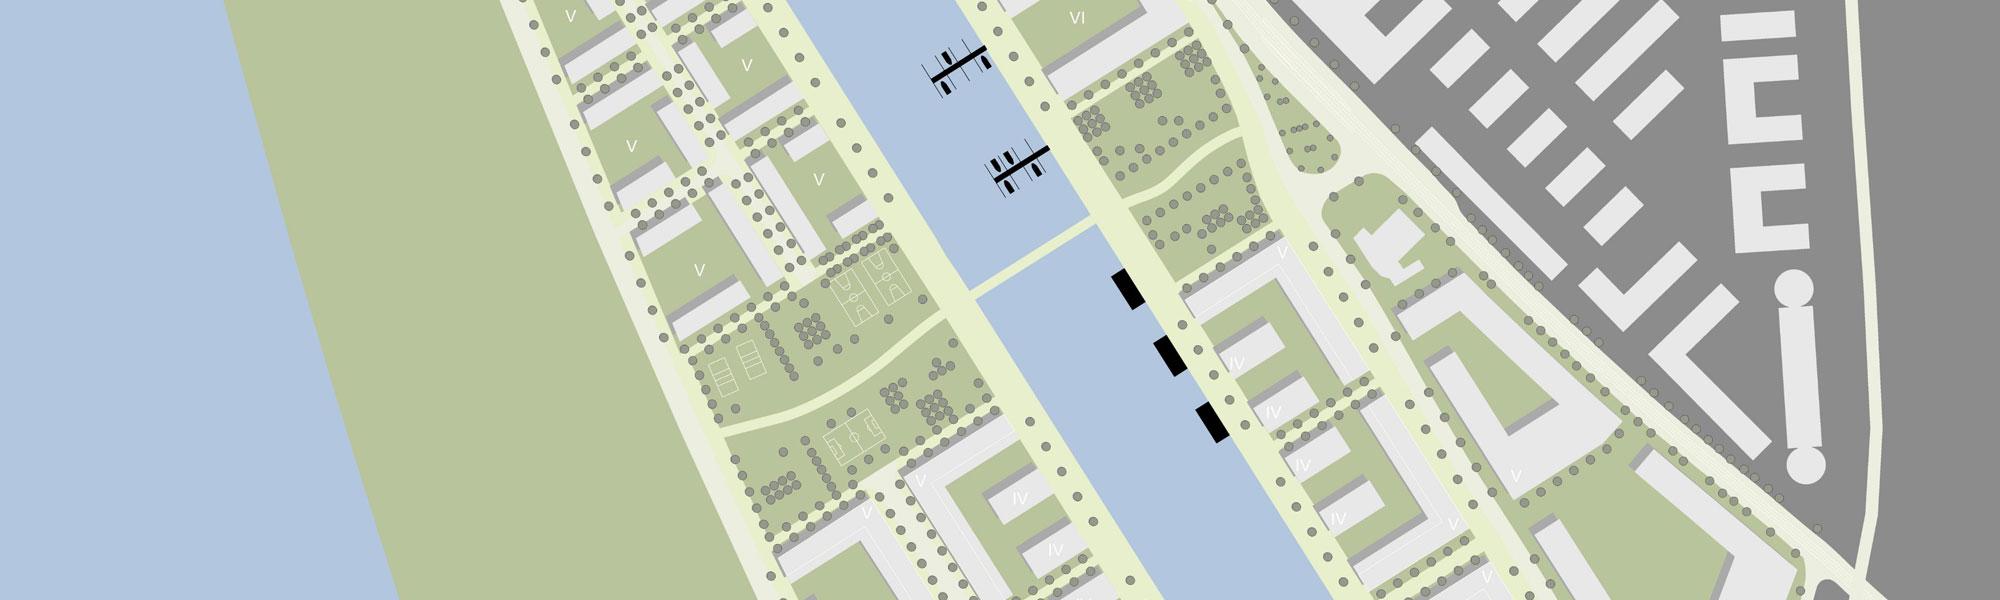 Titelbild Deutzer Hafen Köln: Ausschnitt Lageplan